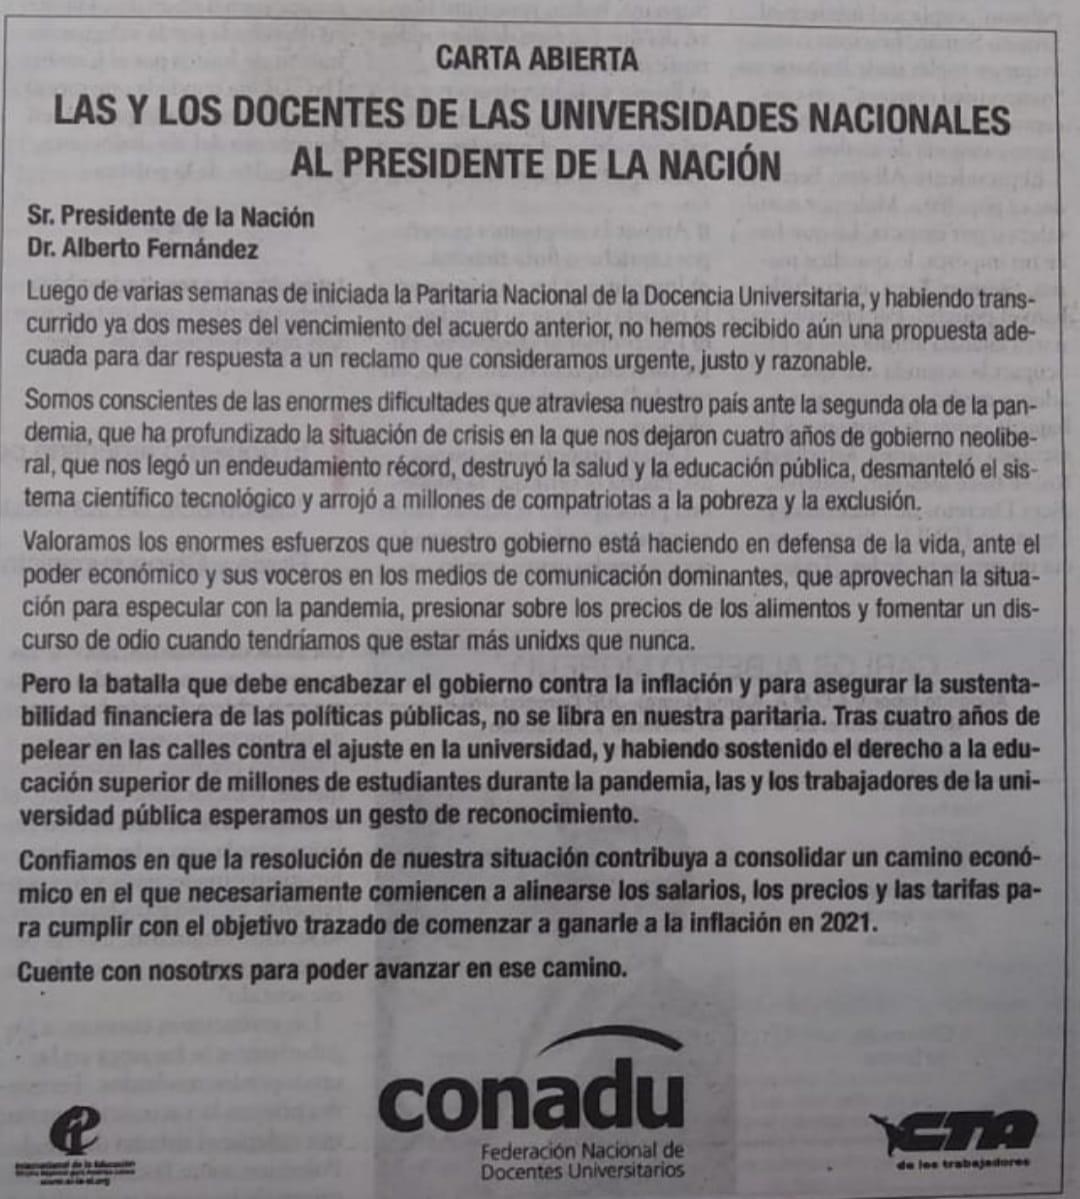 Carta Publicada el 2 de Mayo en el diario Página12